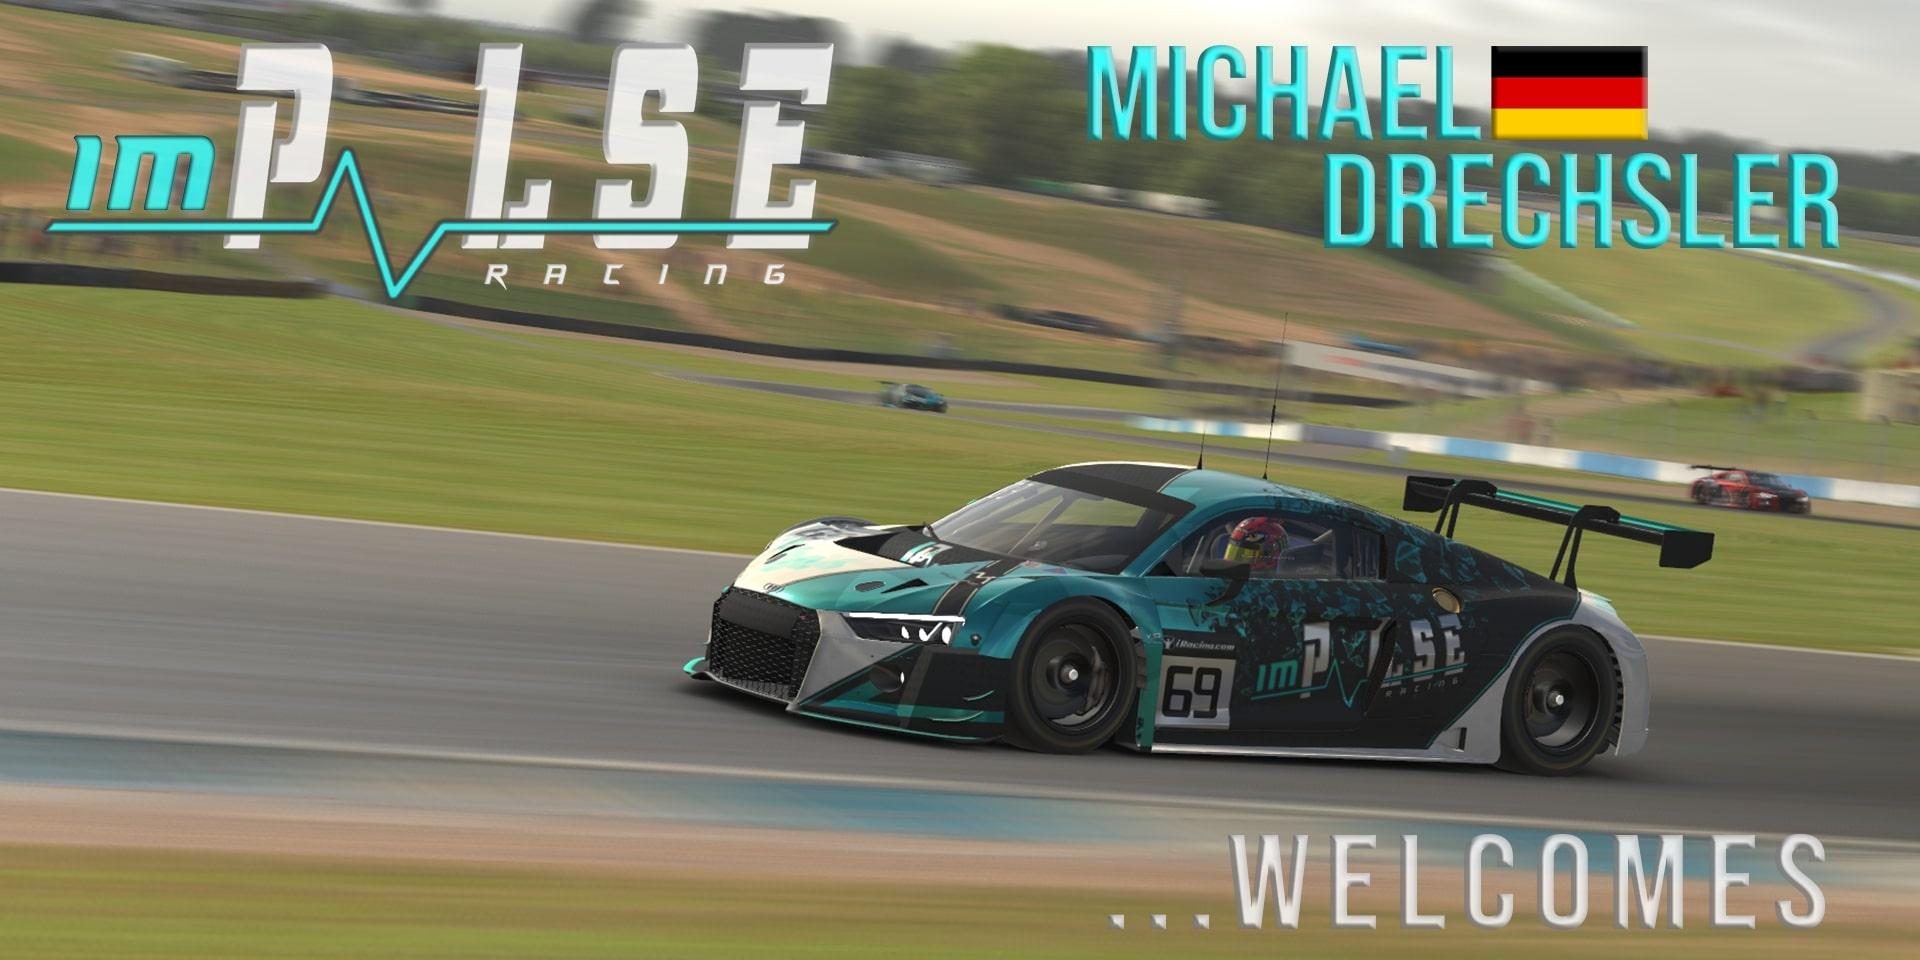 Welcome Michael Drechsler